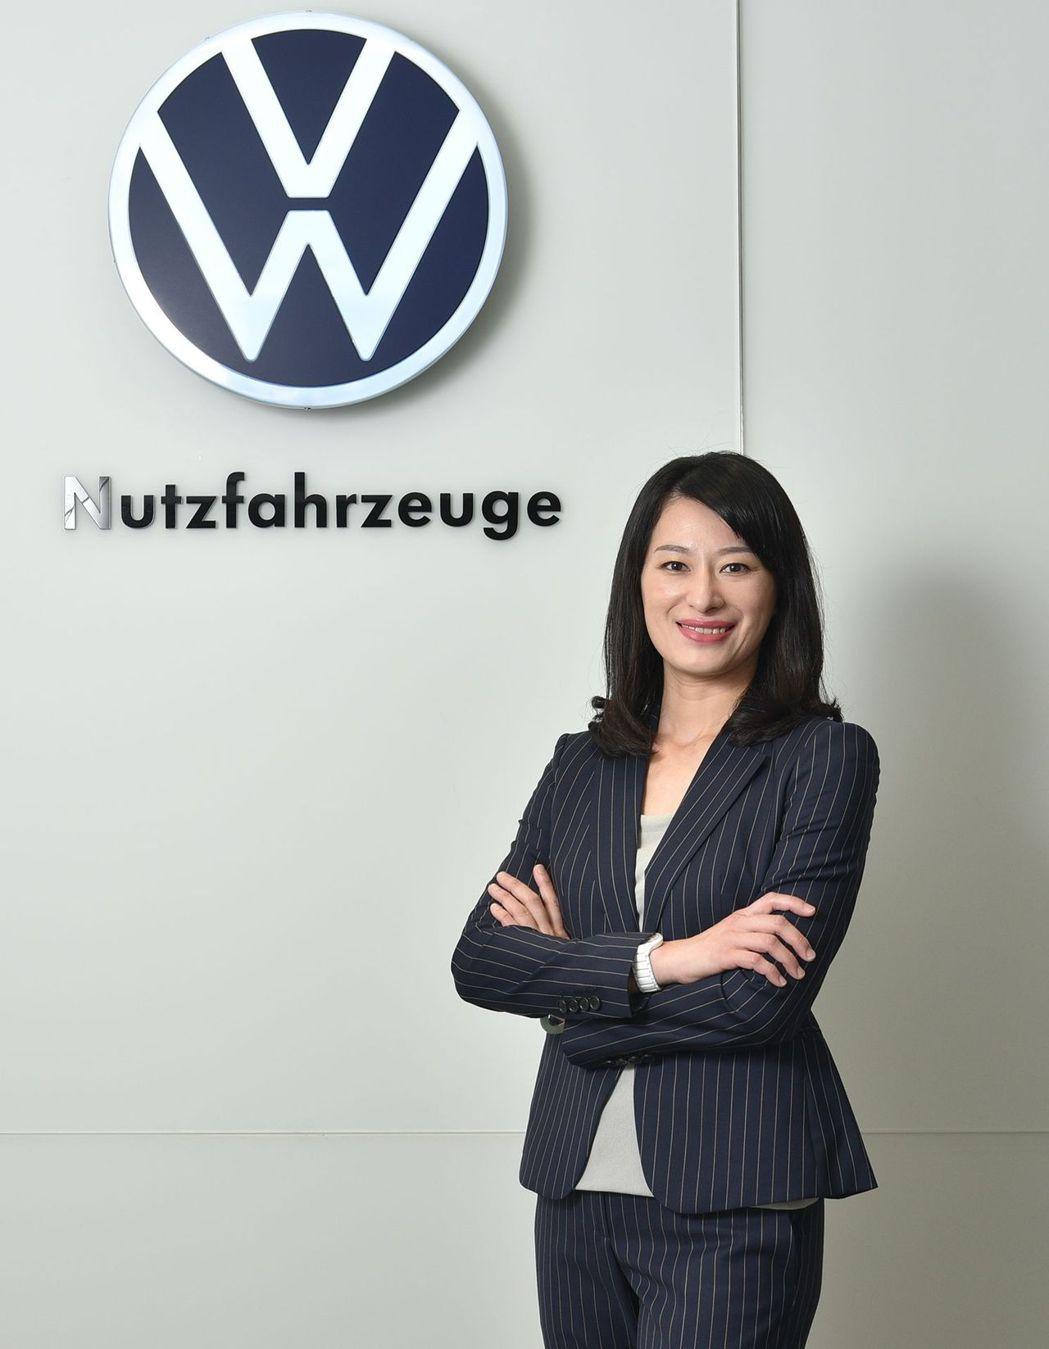 巫詩棻(Julia Wu)自7月1日起升任台灣福斯商旅總裁。 台灣福斯商旅...